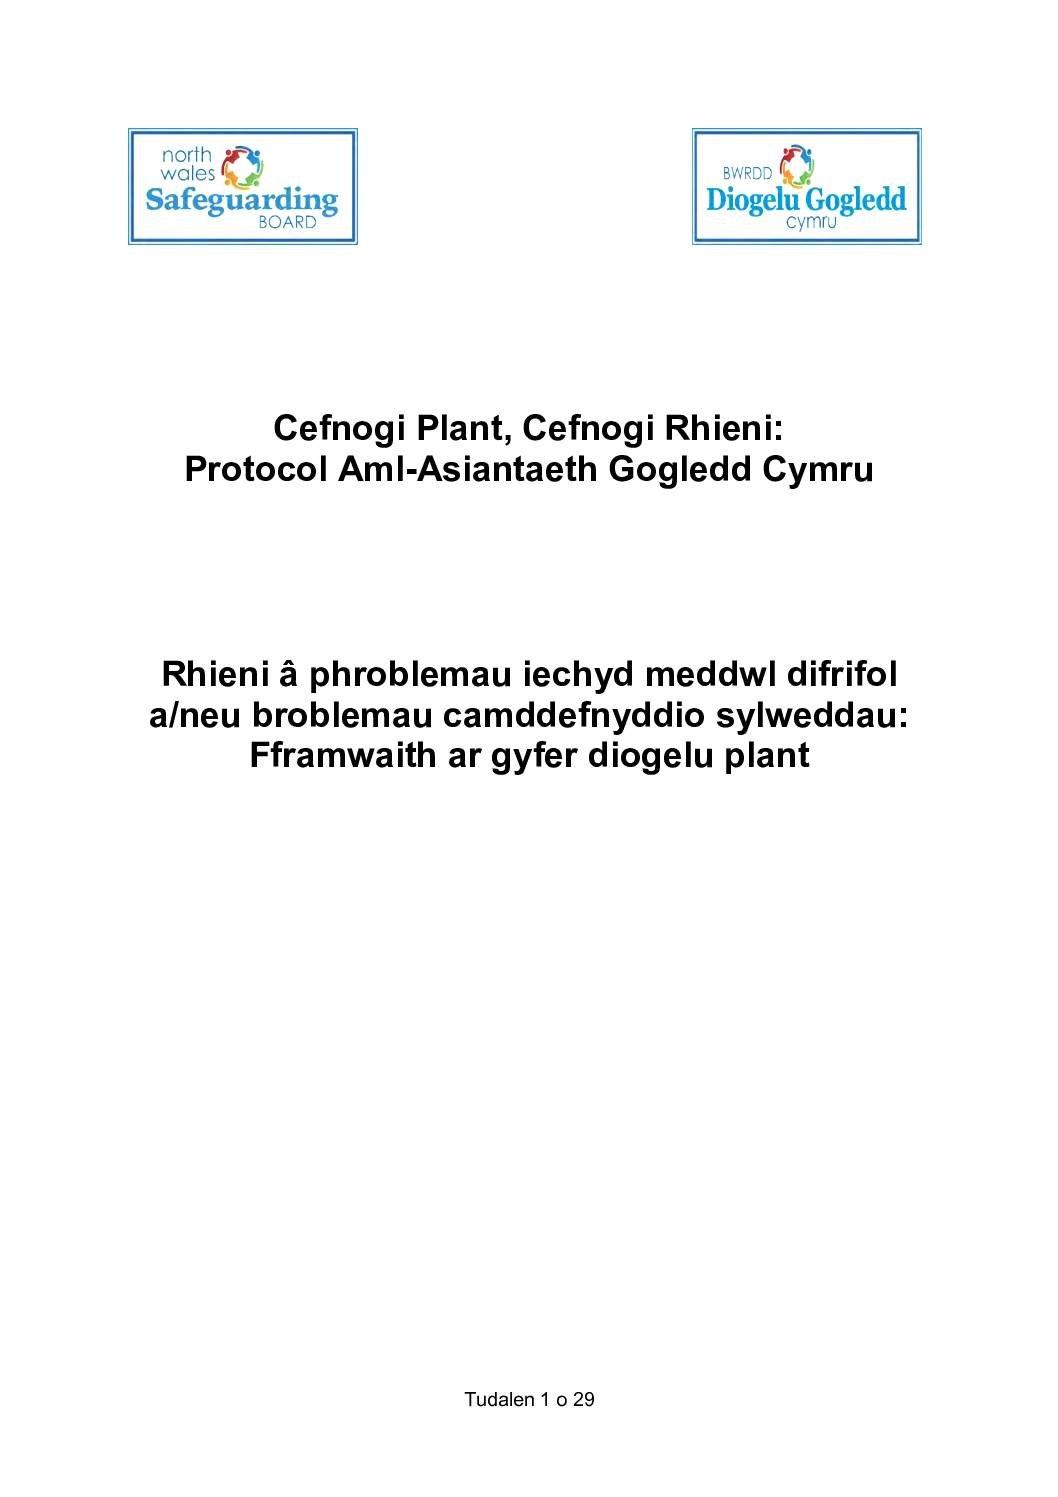 Cefnogi Plant, Cefnogi Rhieni: Protocol Aml-Asiantaeth Gogledd Cymru